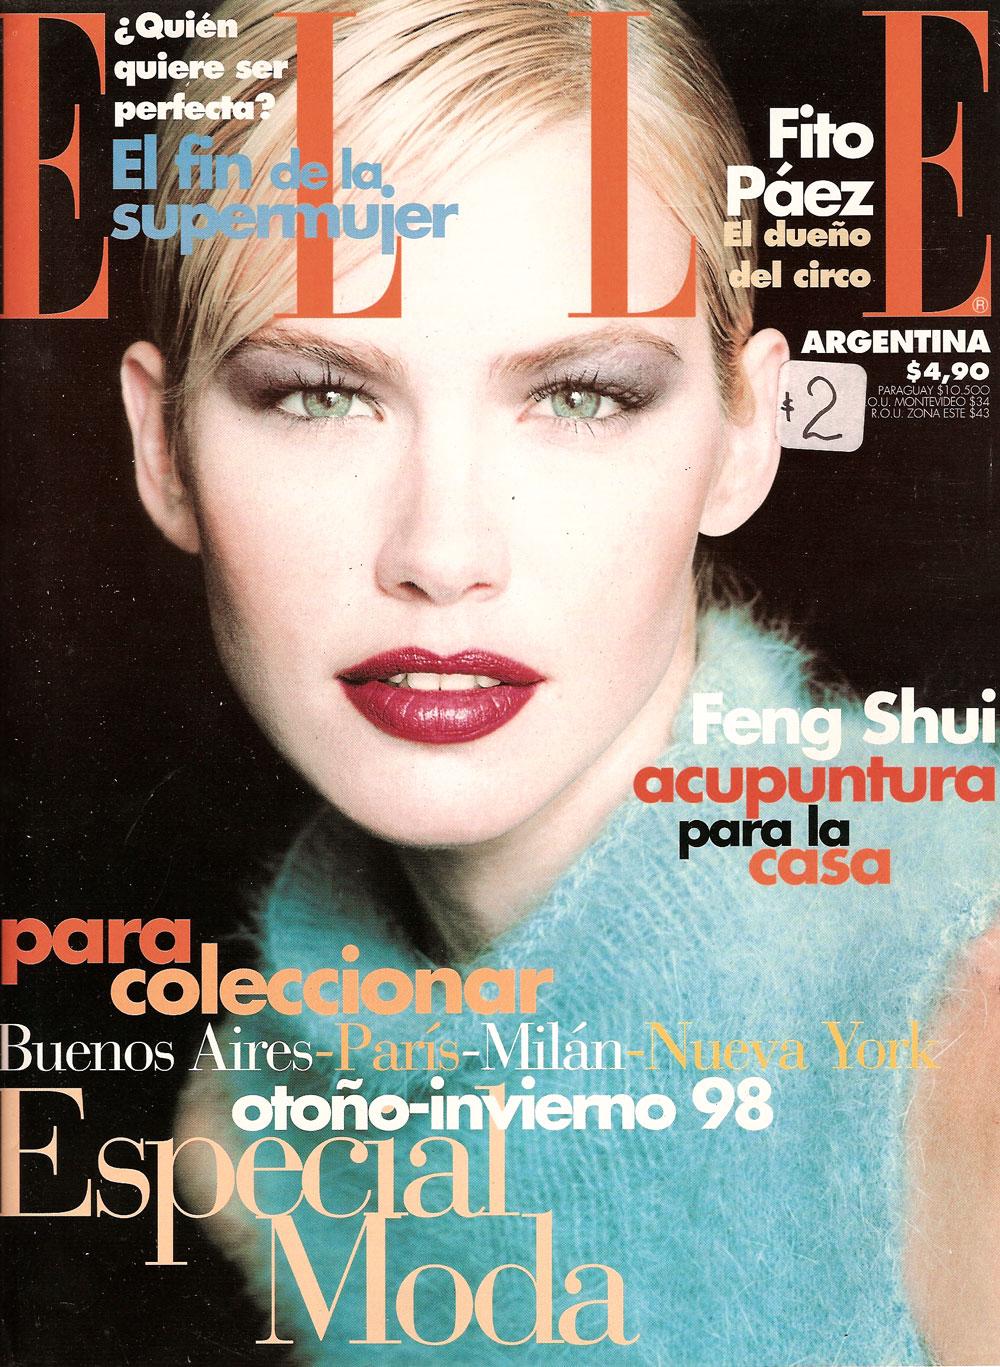 Valeria Mazza in Elle Argentina